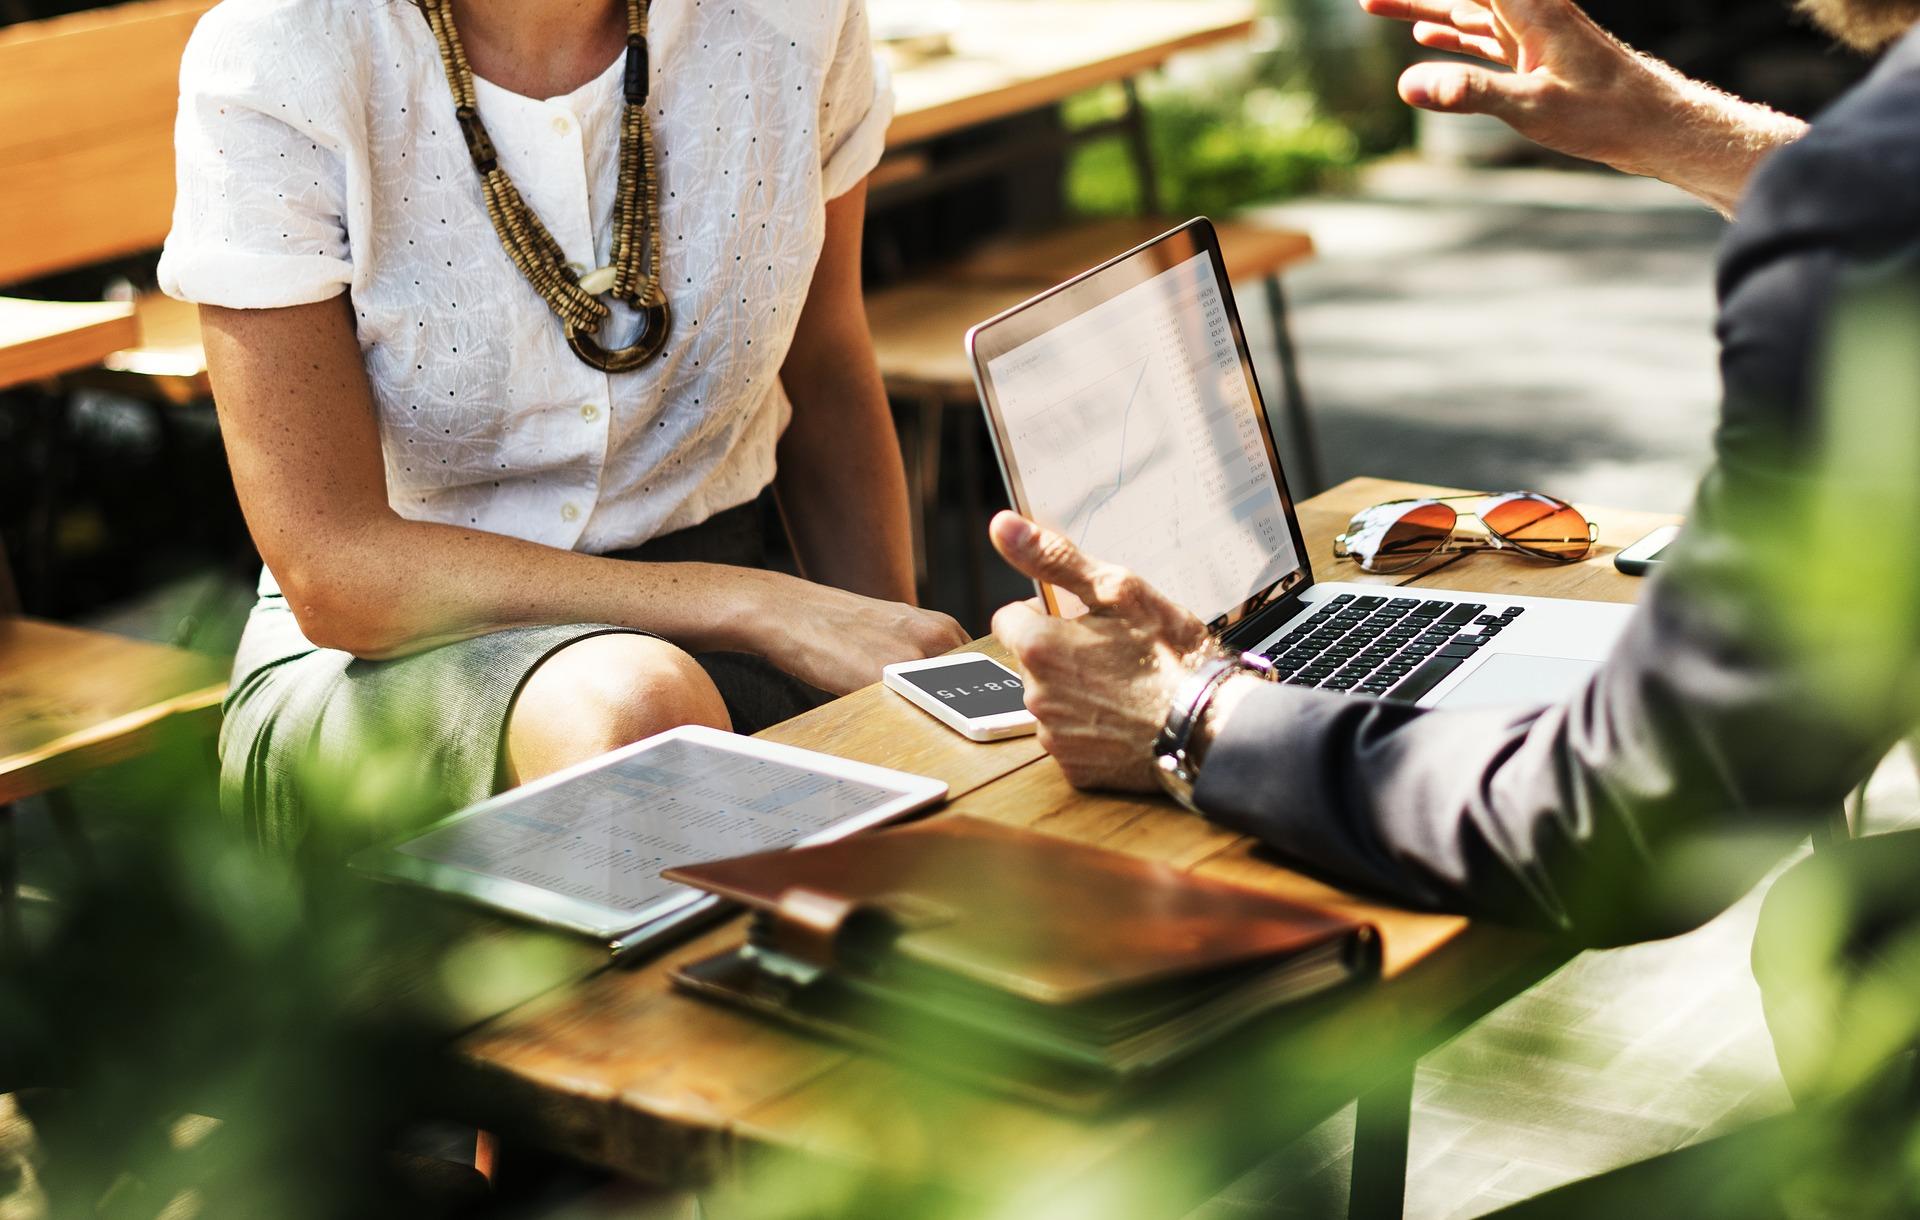 El business coaching no es una reunión, es un programa diseñado para desafiar, mejorar y apoyar las acciones, pensamientos y creencias del participante